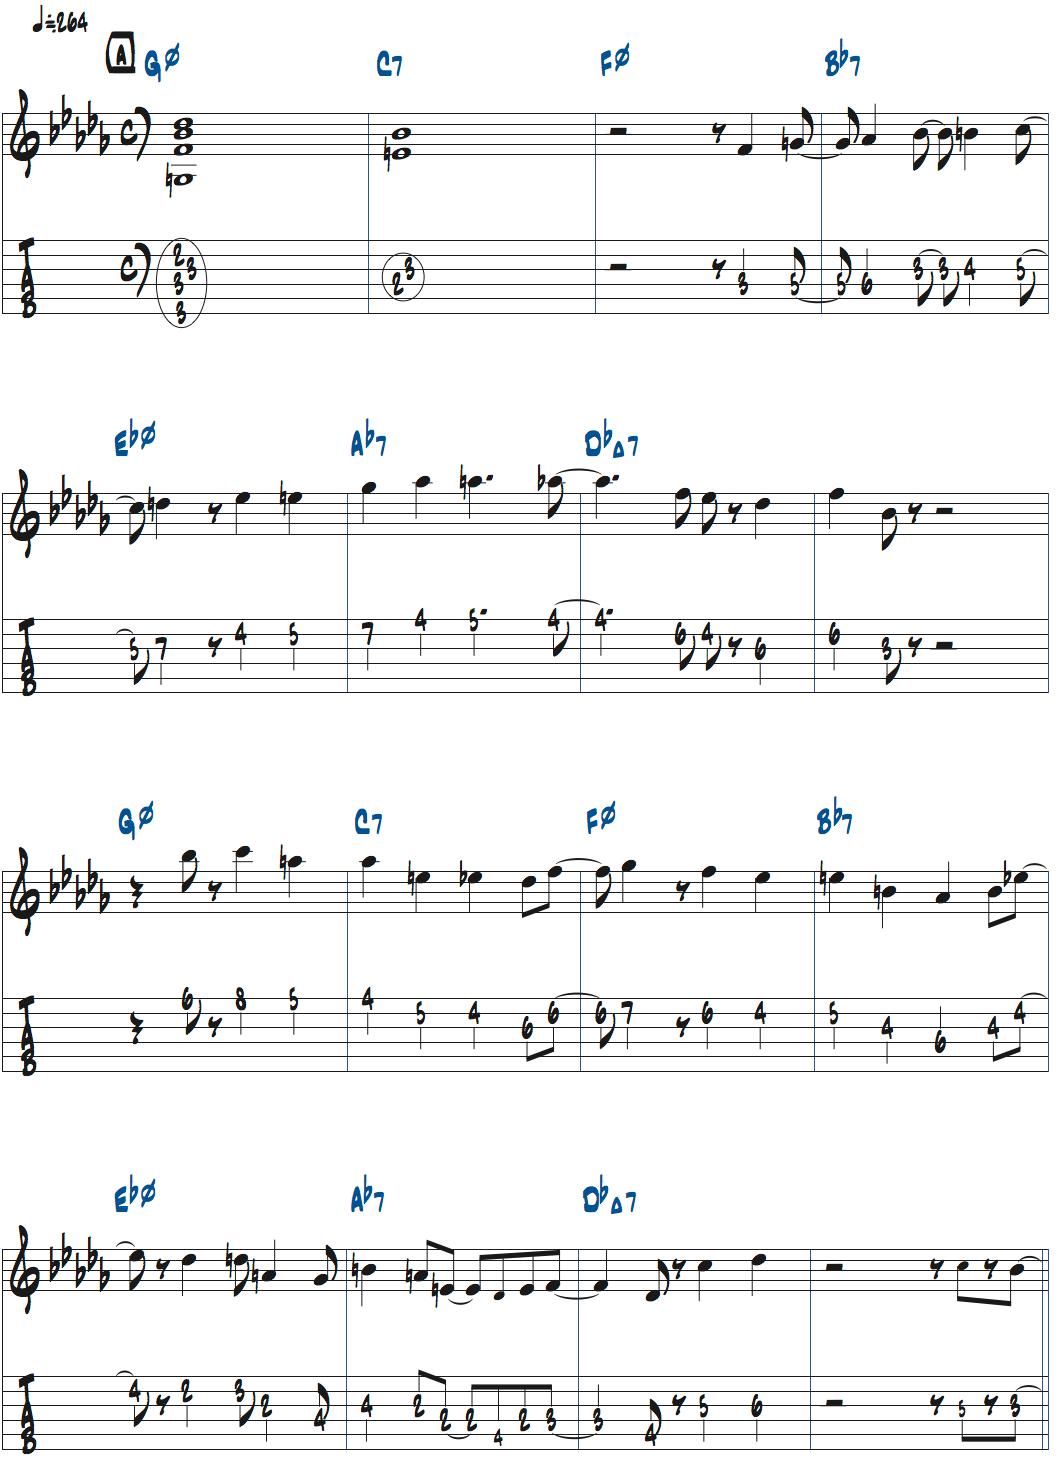 マイク・モレーノのWoody'n Youアドリブ・1コーラス目楽譜ページ1